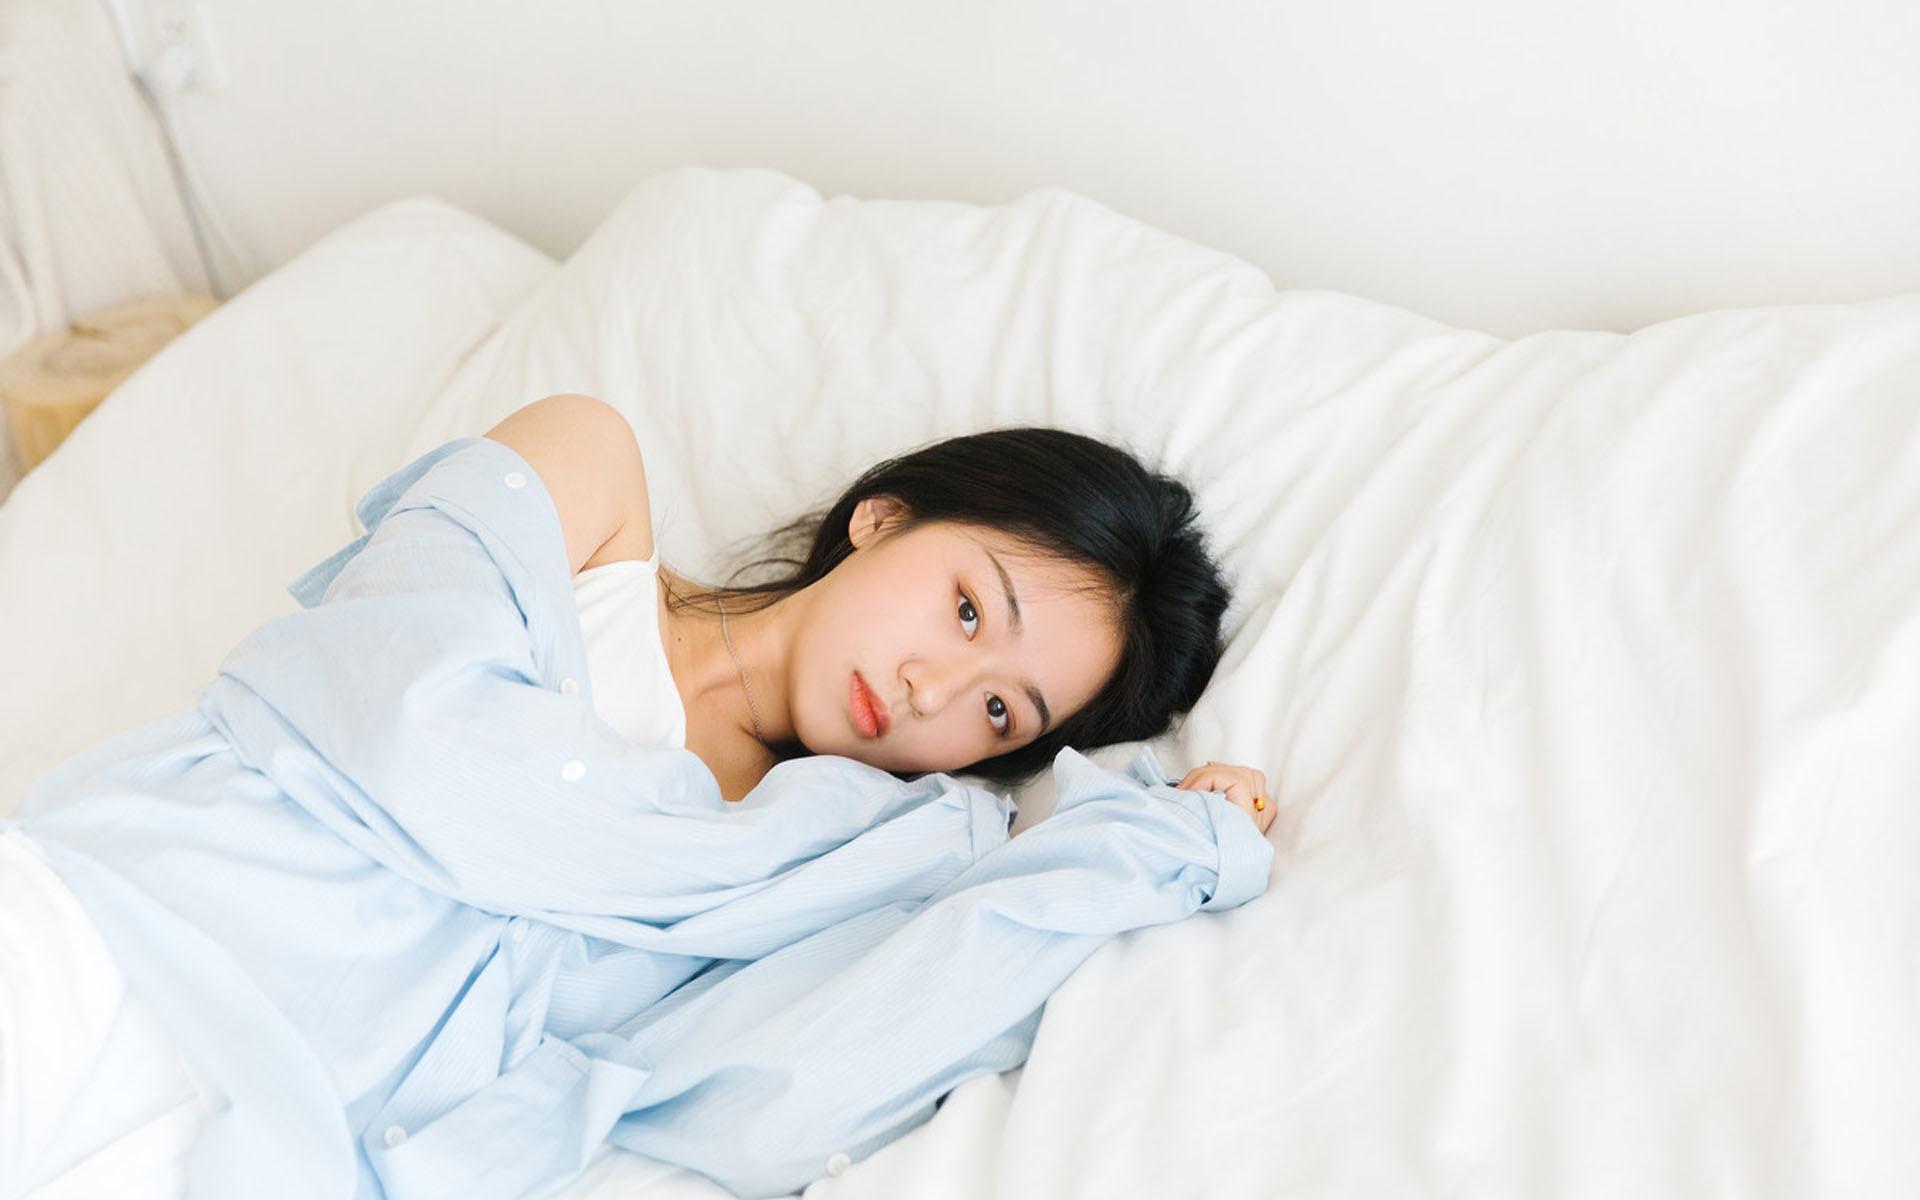 至尊王婿-陈霄, 沈君颜-都市情感小说